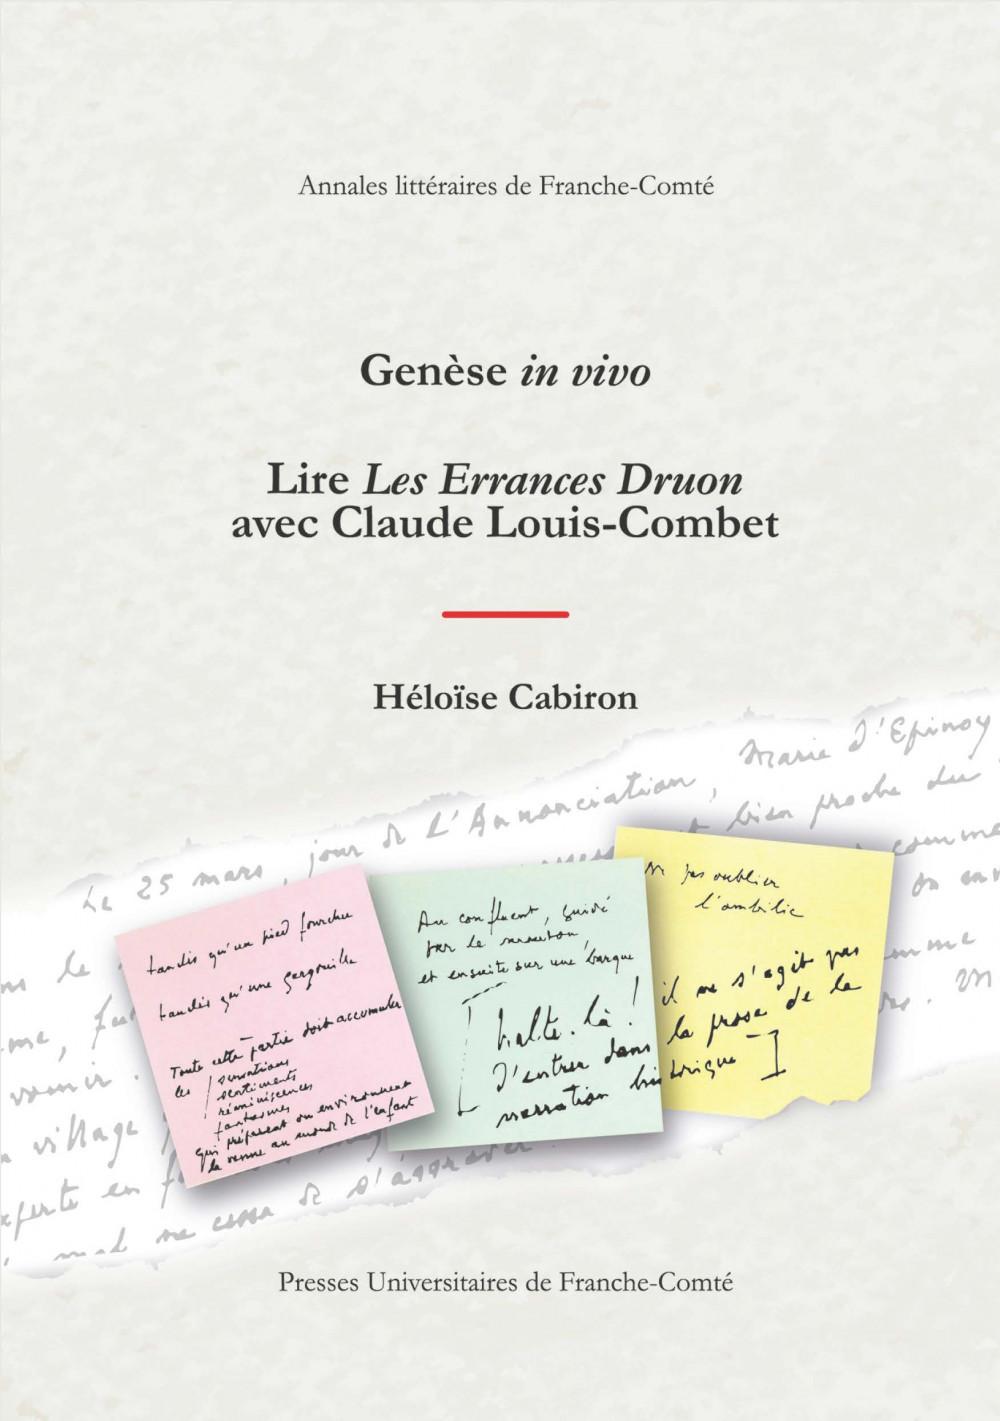 H. Cabiron, Genèse in vivo. Lire Les Errances Druon avec Claude Louis-Combet